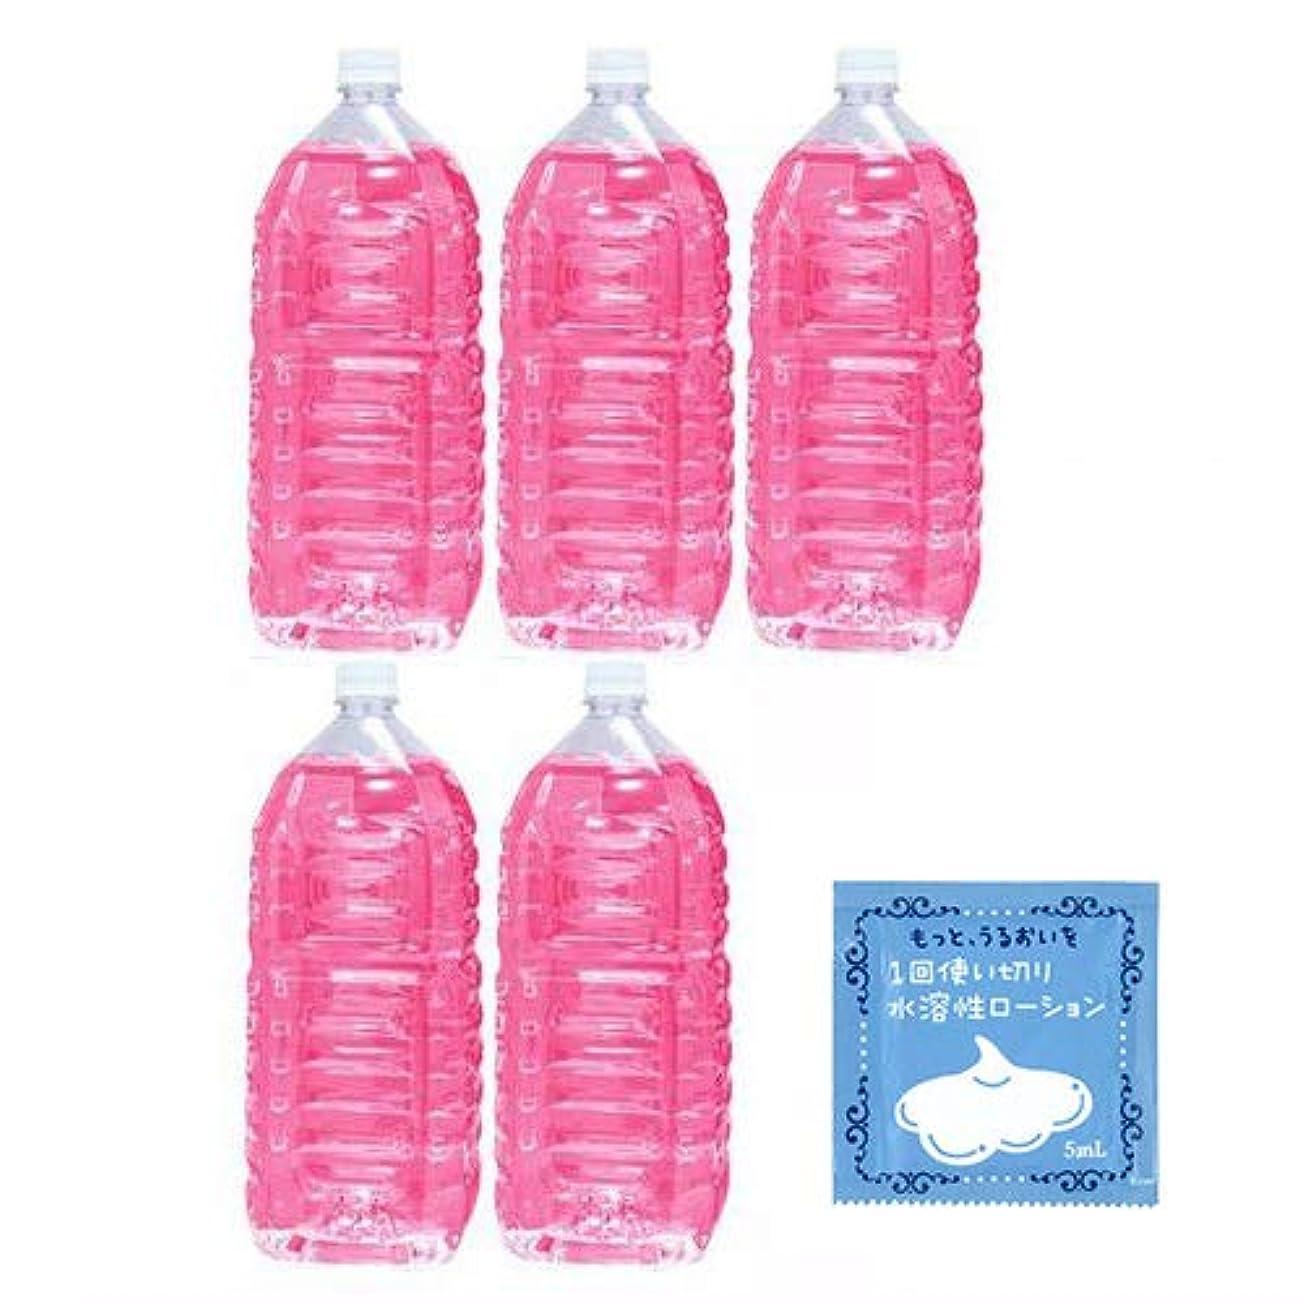 一般的に提唱するコンパスピンクローション 2Lペットボトル ハードタイプ(5倍濃縮原液)業務用ローション ×5本セット + 1回使い切り水溶性潤滑ローション